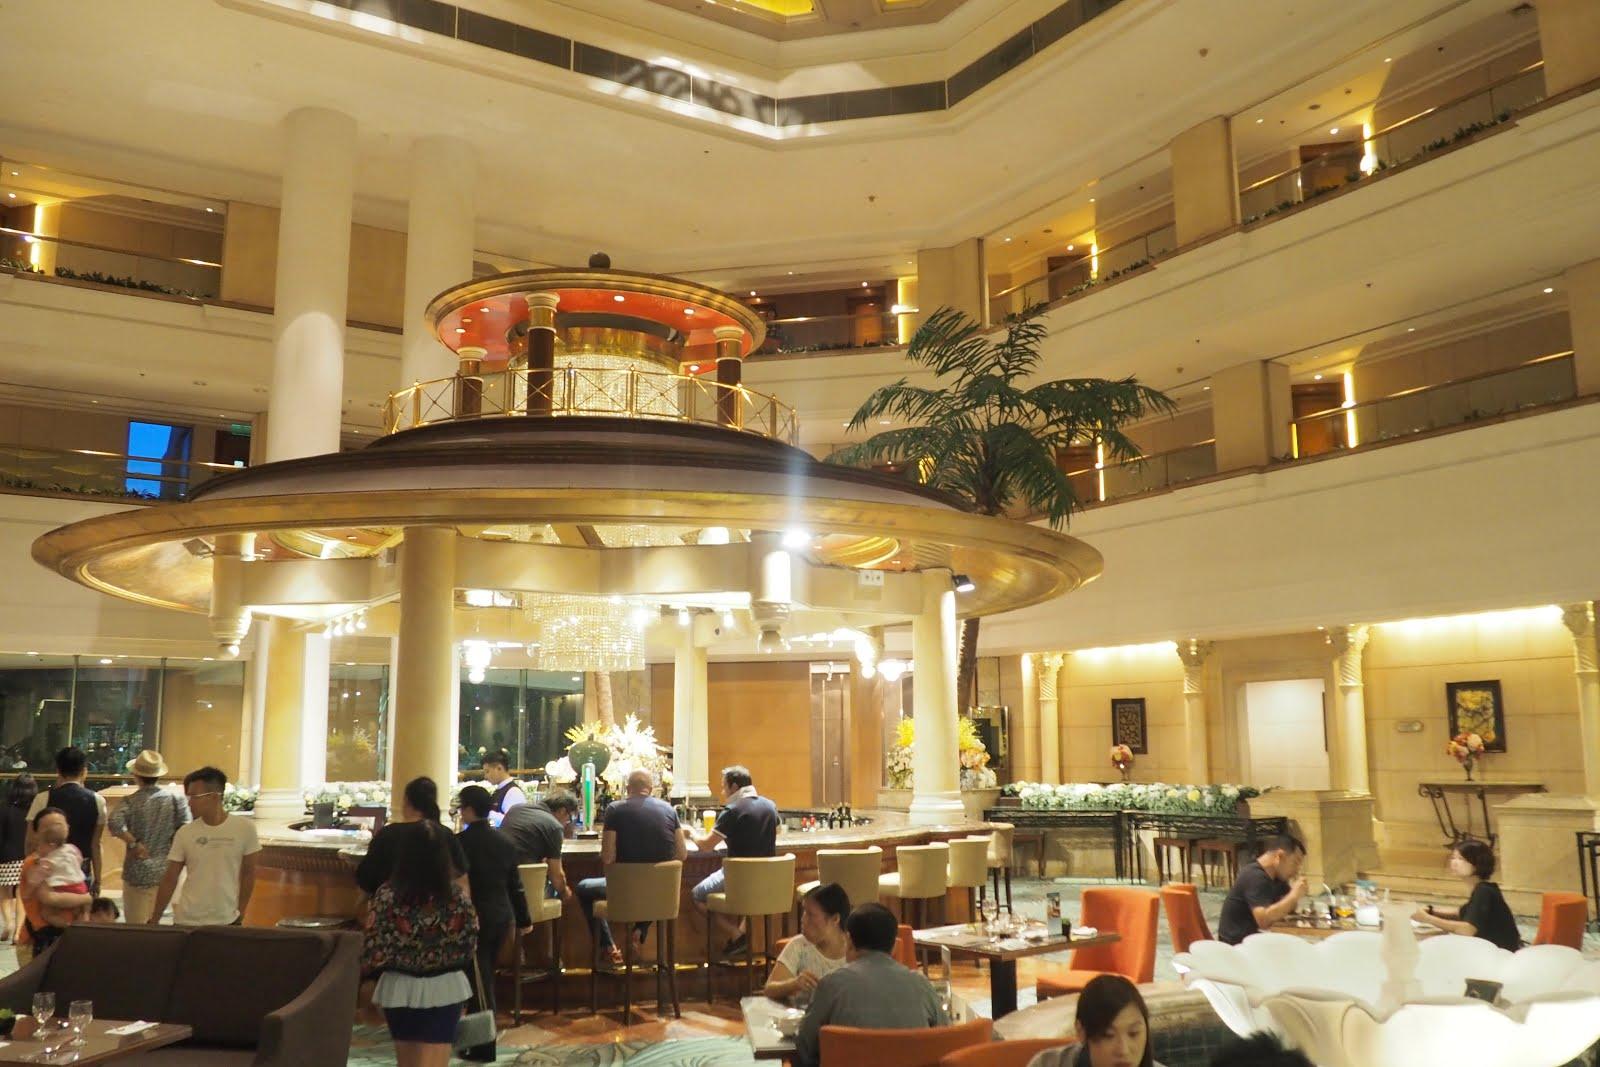 Newly Opened: Gold Coast Prime Rib   hkblogger